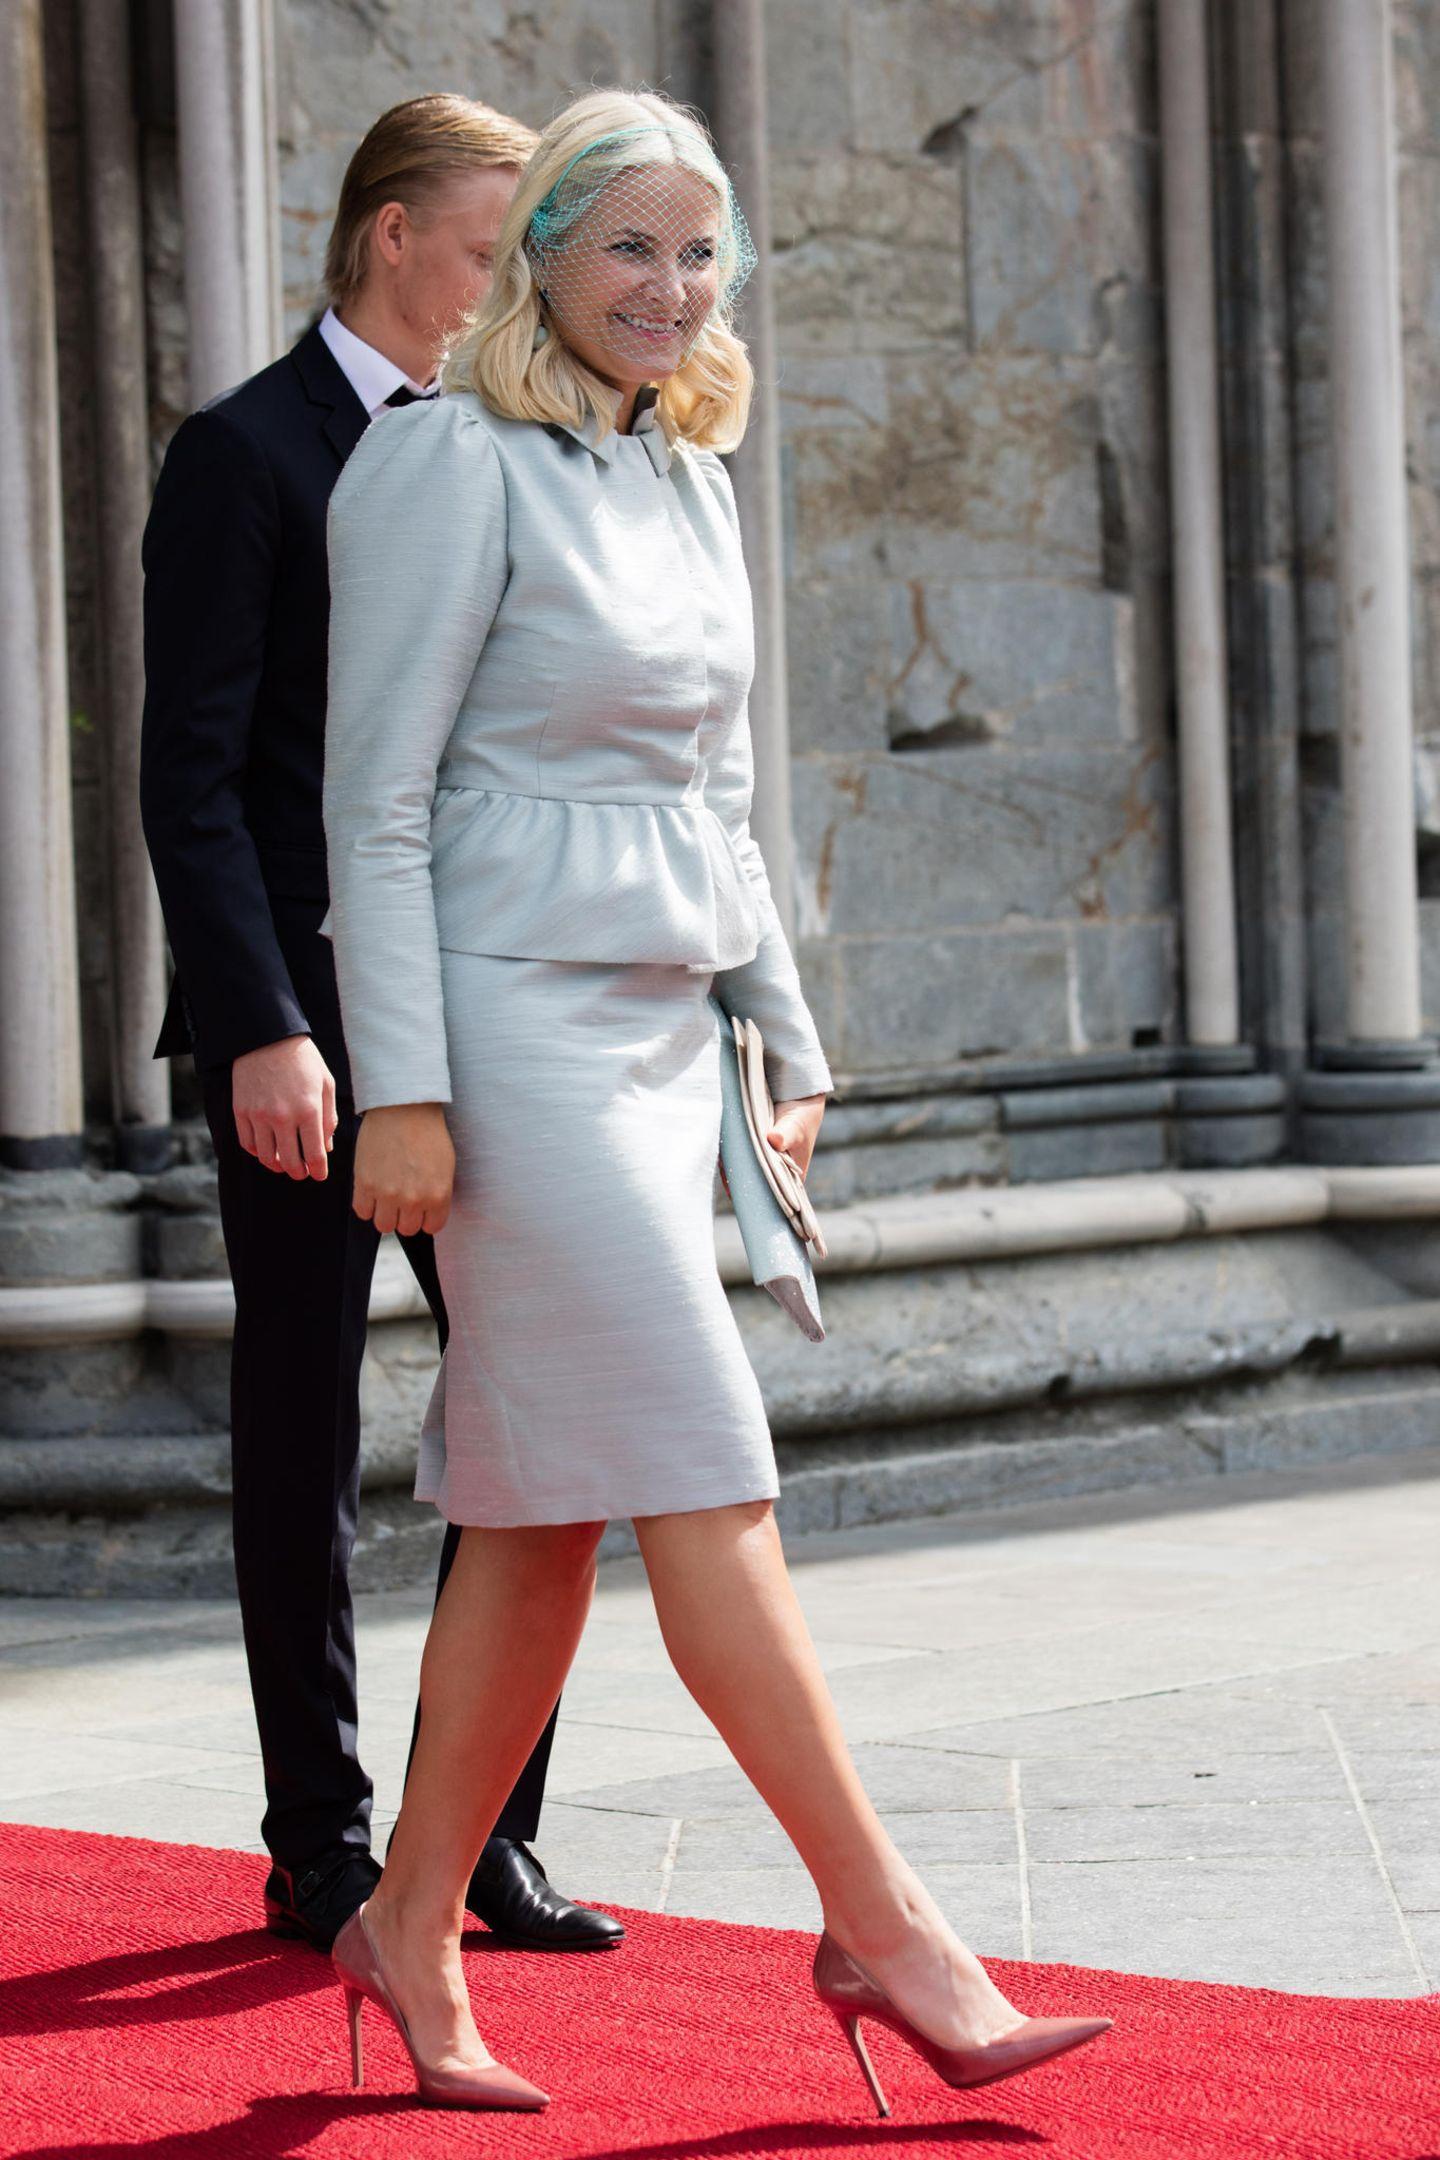 Kronprinzessin Mette-Marit wird einmal die Königin von Norwegen